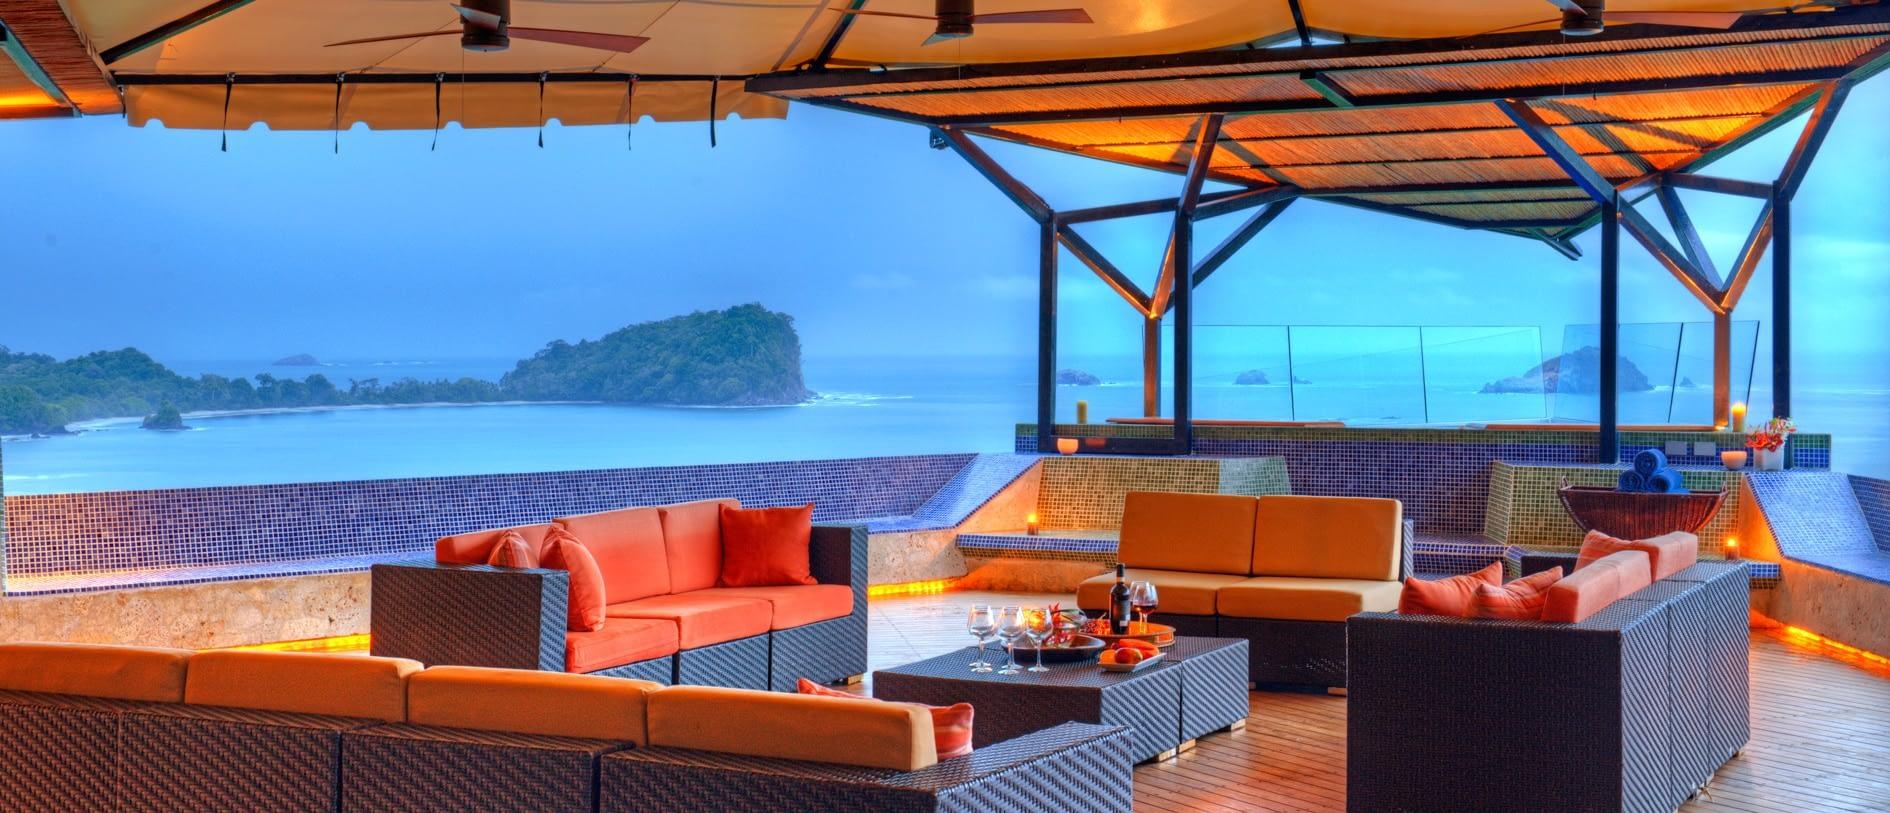 villa punto de vista terrace overlooking pacific ocean